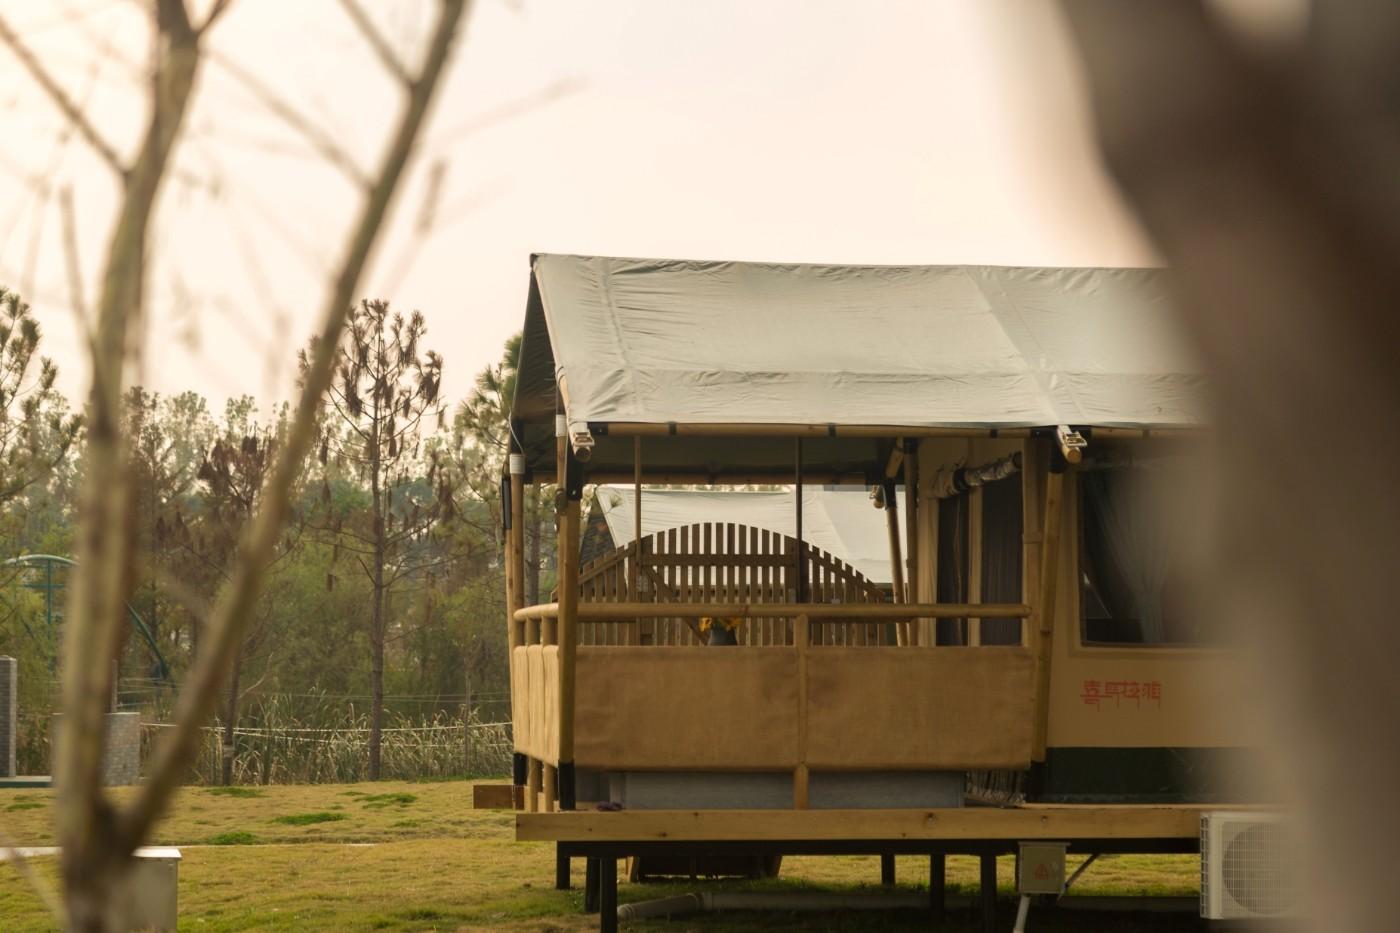 喜马拉雅野奢帐篷酒店—浙江留香之家露营地(54平)9